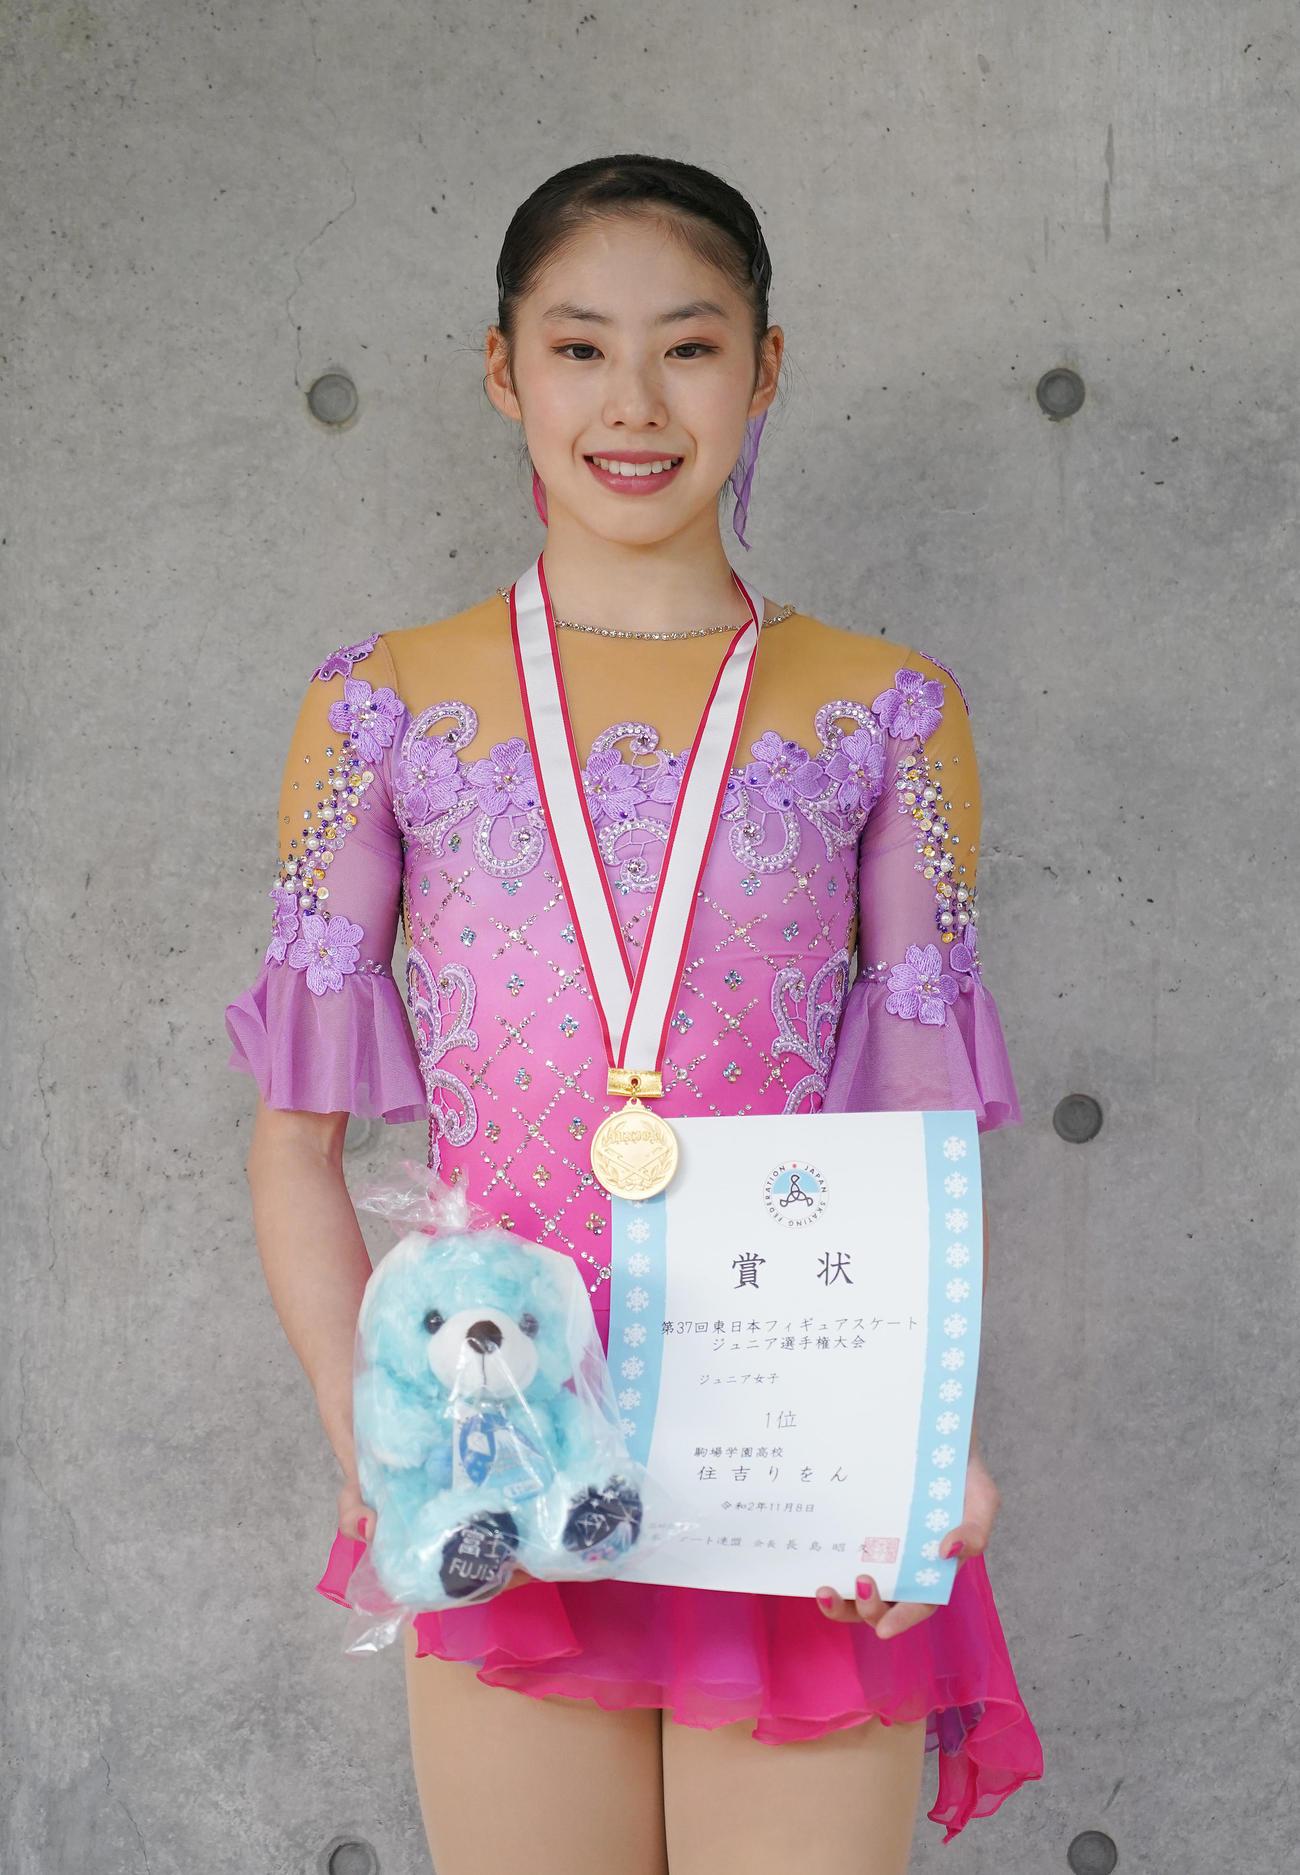 フィギュアスケート東日本選手権・ジュニア女子で優勝した住吉(撮影・菅敏)